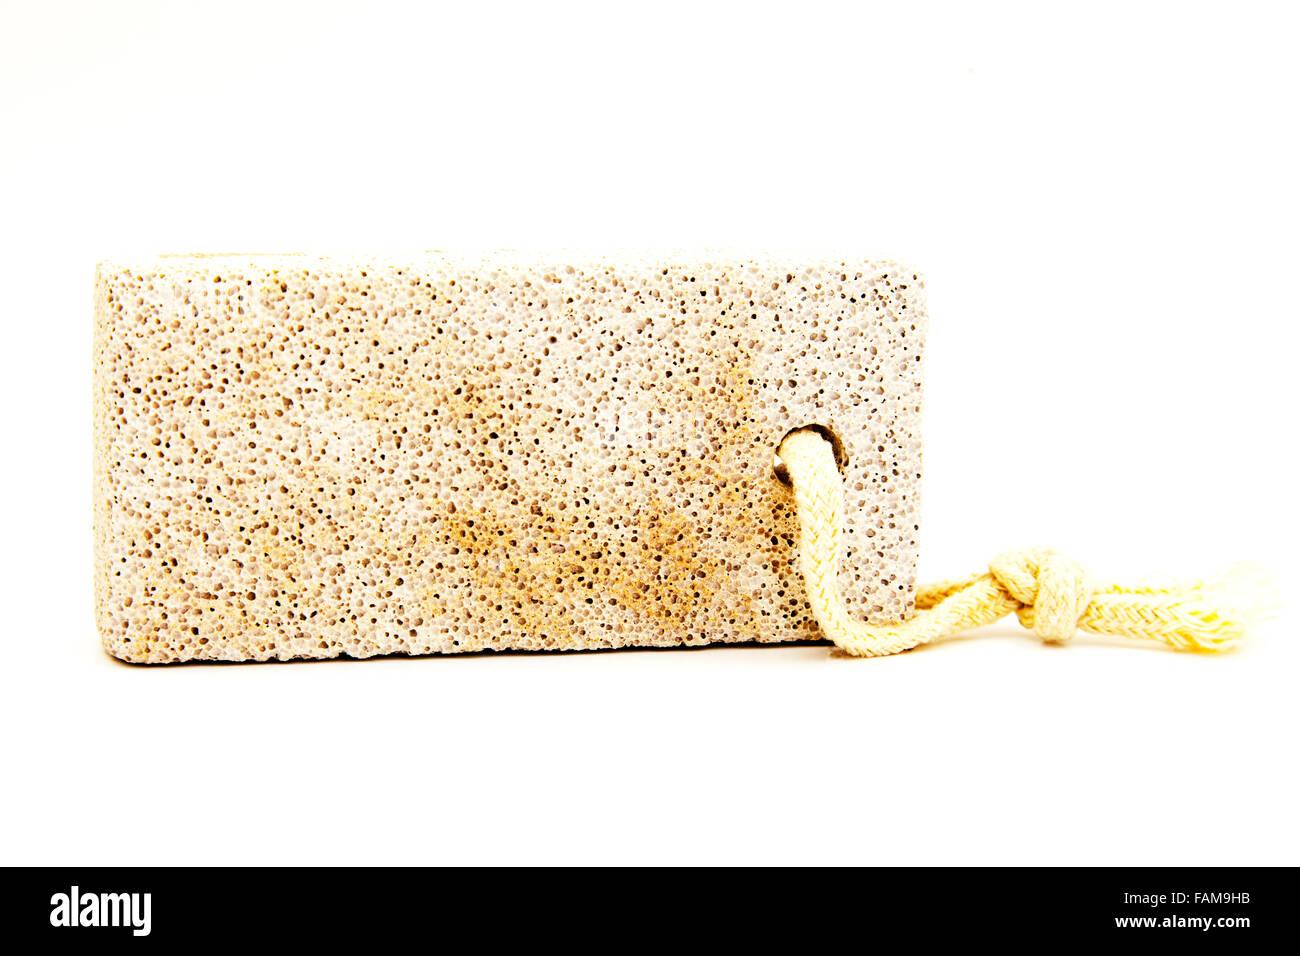 Bimsstein, die poröse Vulkangestein Lava zum Entfernen von trockener Haut Ausschnitt weißen Hintergrund Stockbild